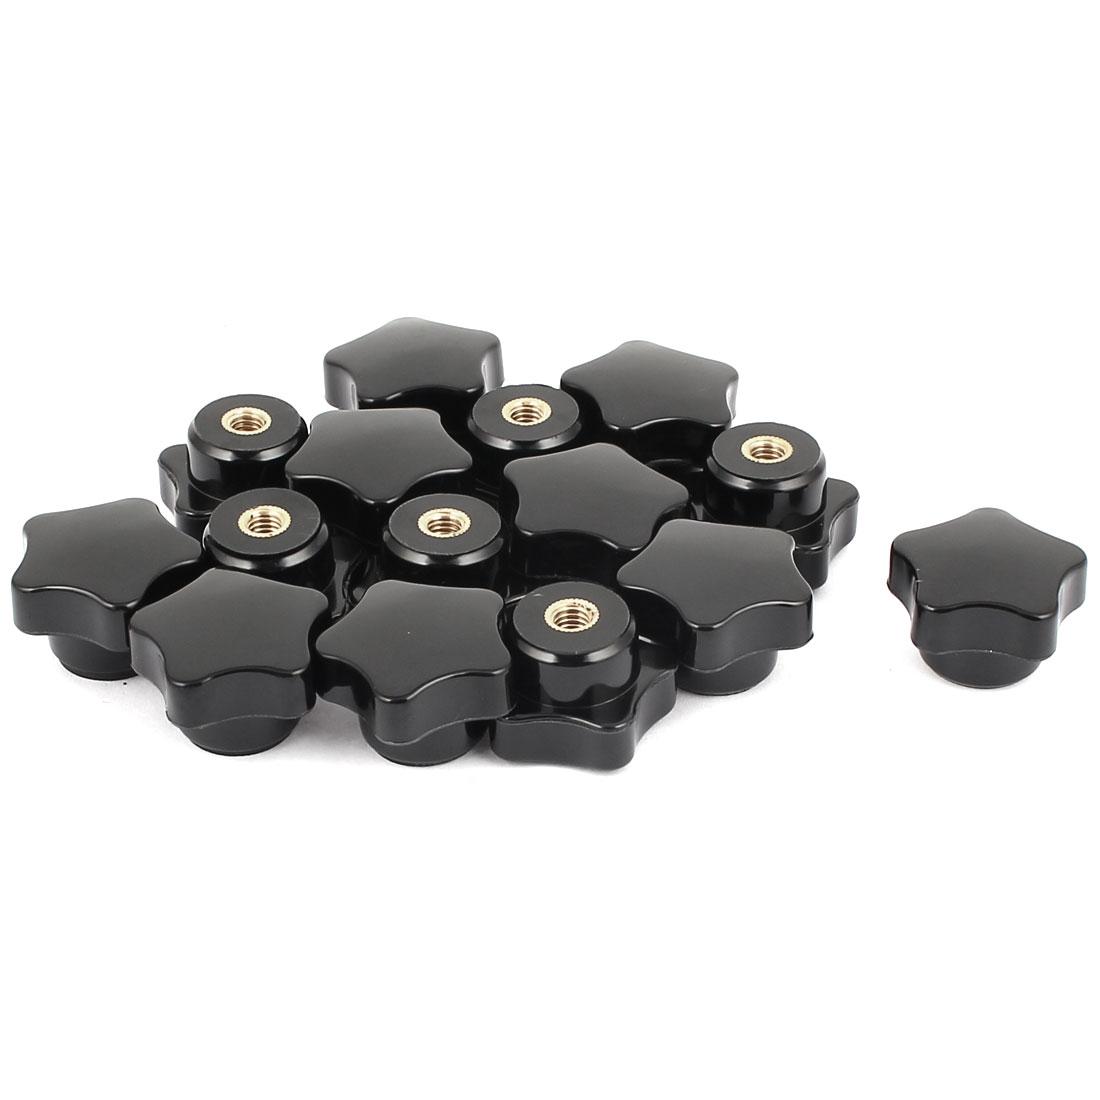 M6 Female Threaded 30mm Diameter Star Cap Plastic Clamping Screw Nuts Knob Handle 15pcs